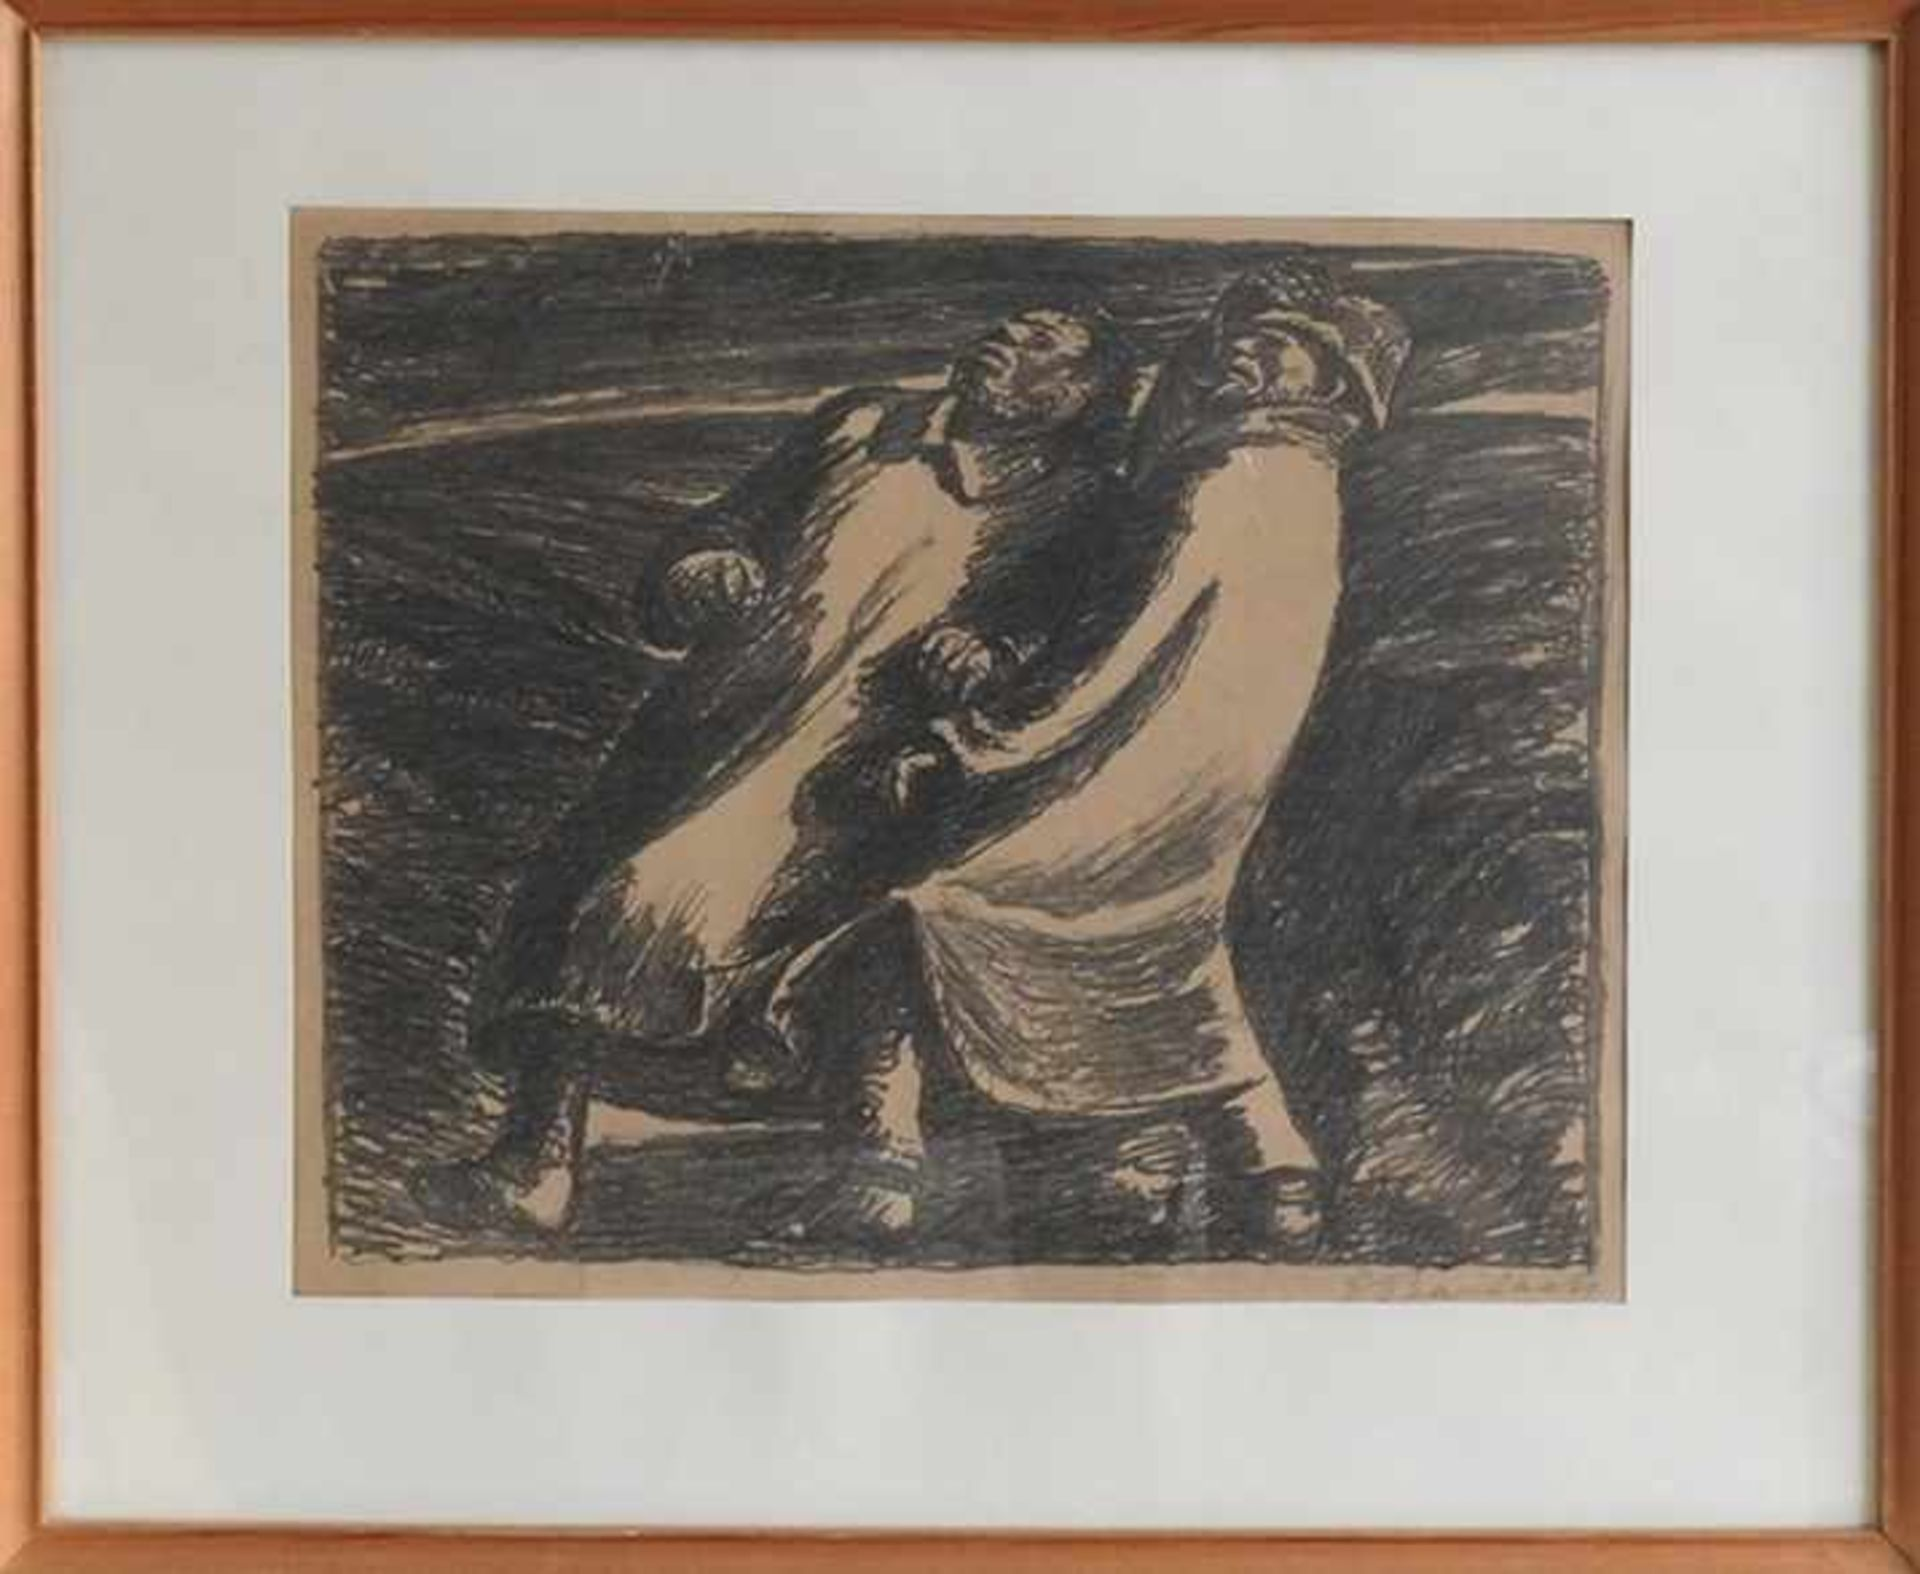 Ernst Barlach, 1870 Wedel - 1938 Rostock Lithographie/Papier. Darstellung zweier Männer in - Bild 2 aus 2